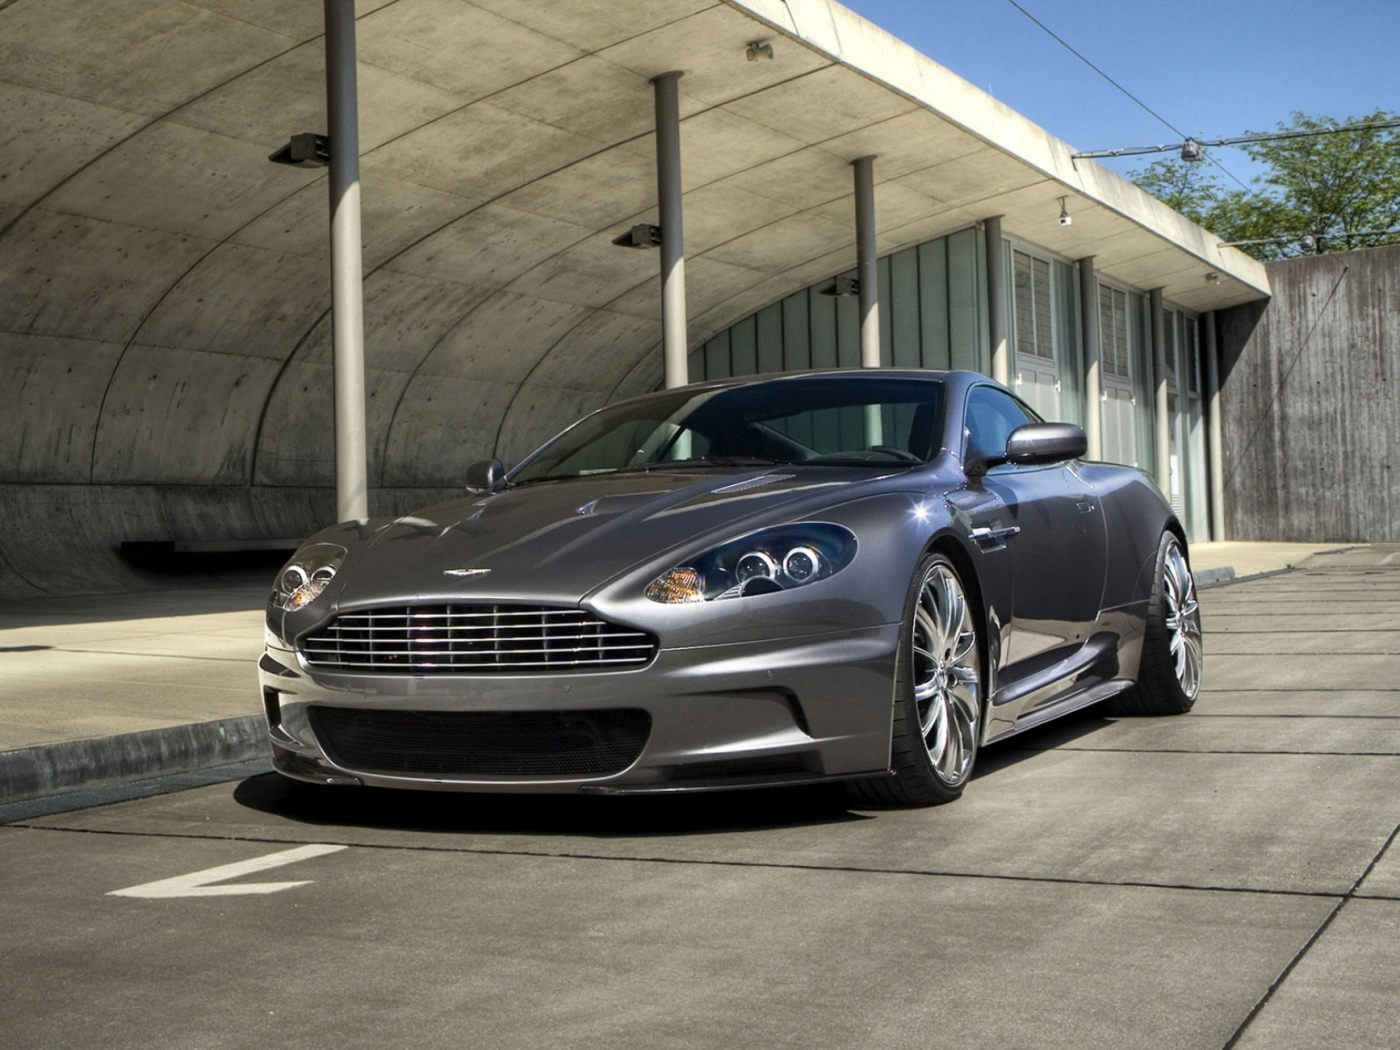 41197 скачать обои Транспорт, Машины, Астон Мартин (Aston Martin) - заставки и картинки бесплатно